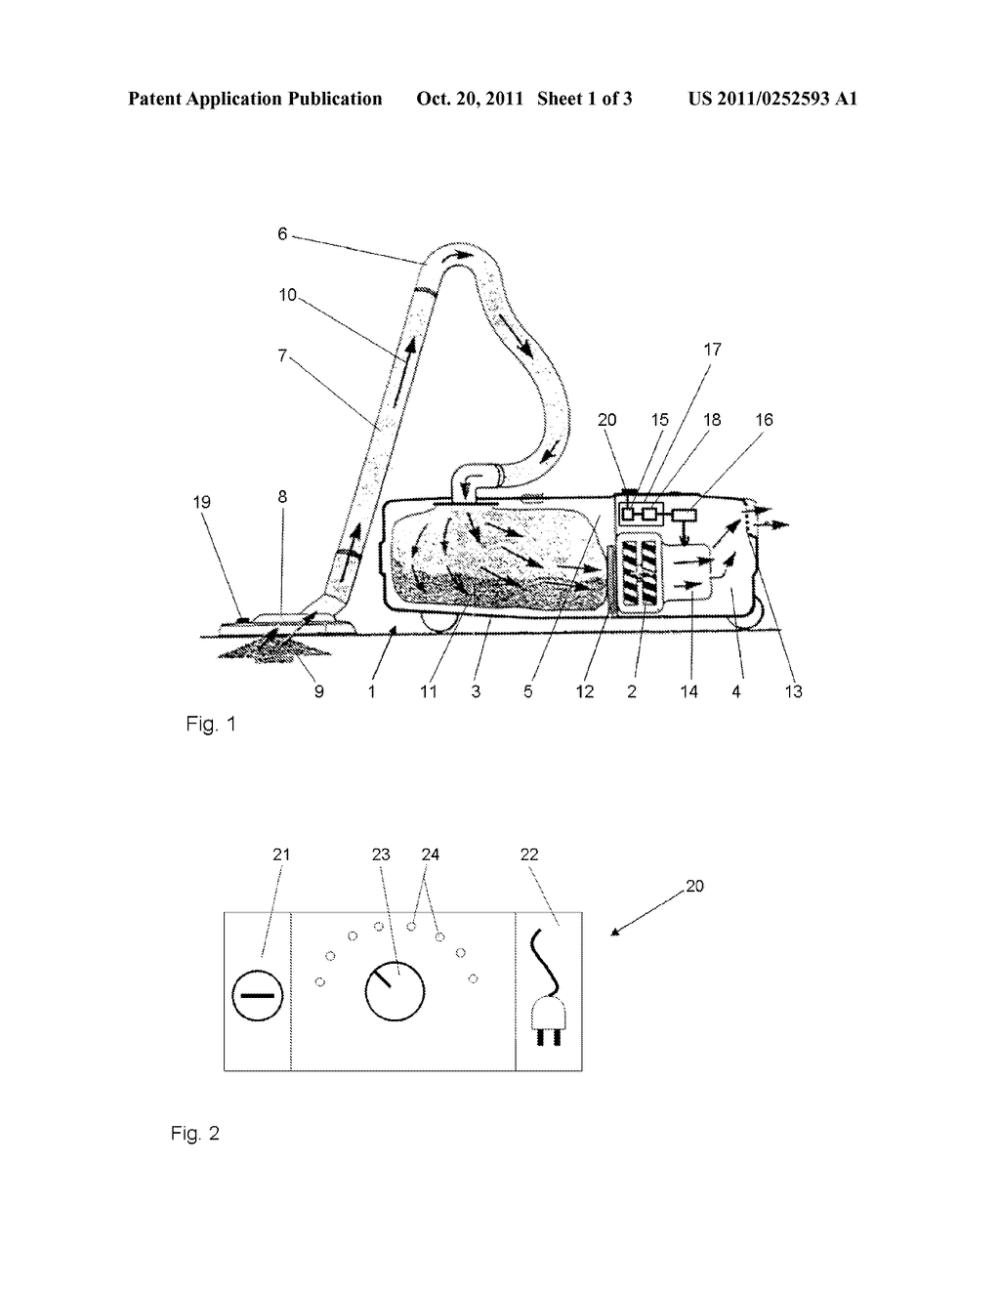 medium resolution of vacuum cleaner wiring diagram wiring diagram todaydiagram of a vacuum cleaner wiring diagram forward vacuum cleaner